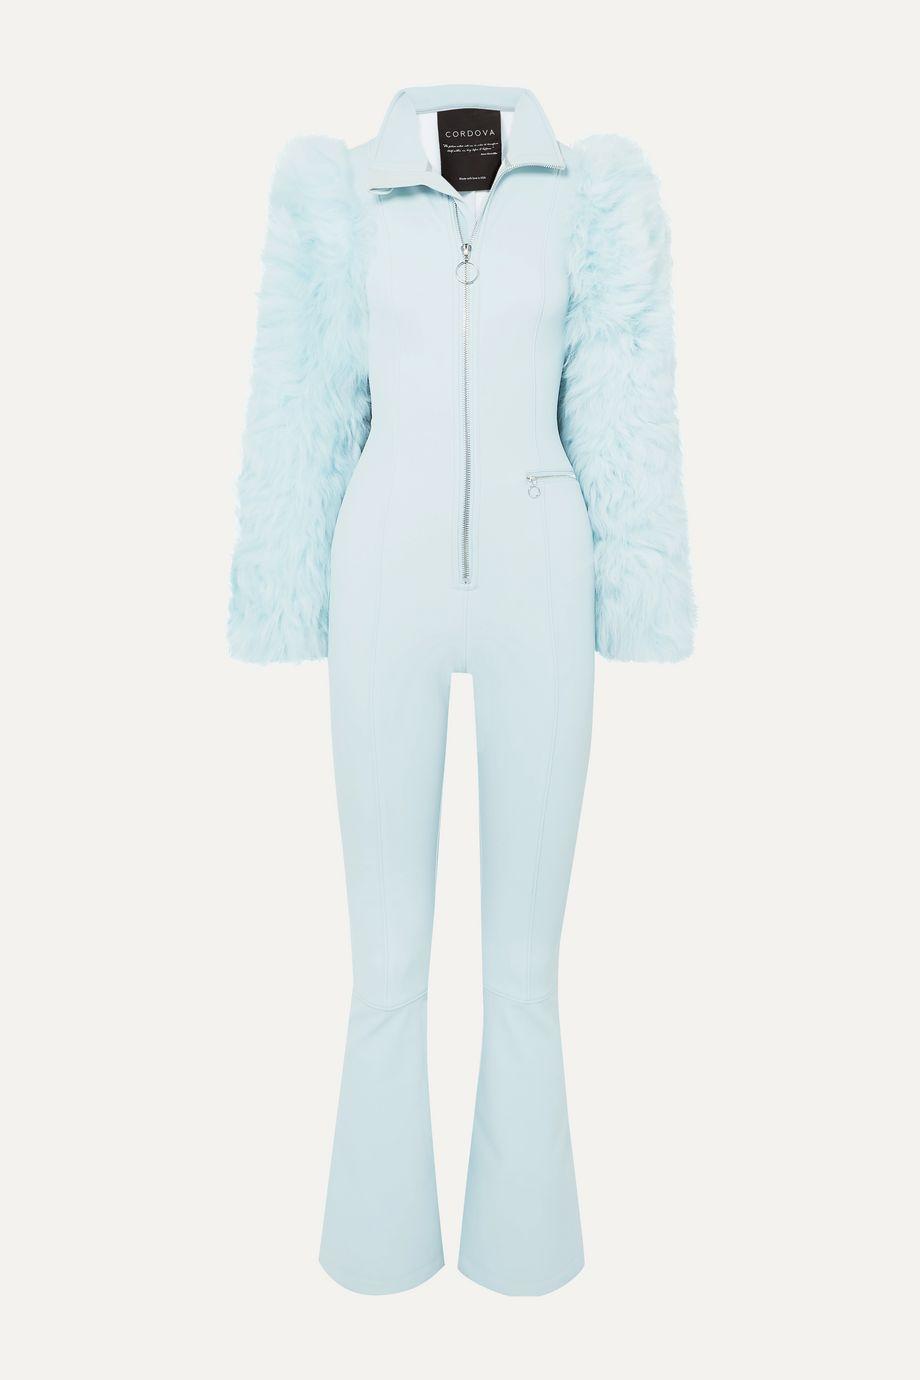 Cordova Chamonix shearling-paneled stretch ski suit